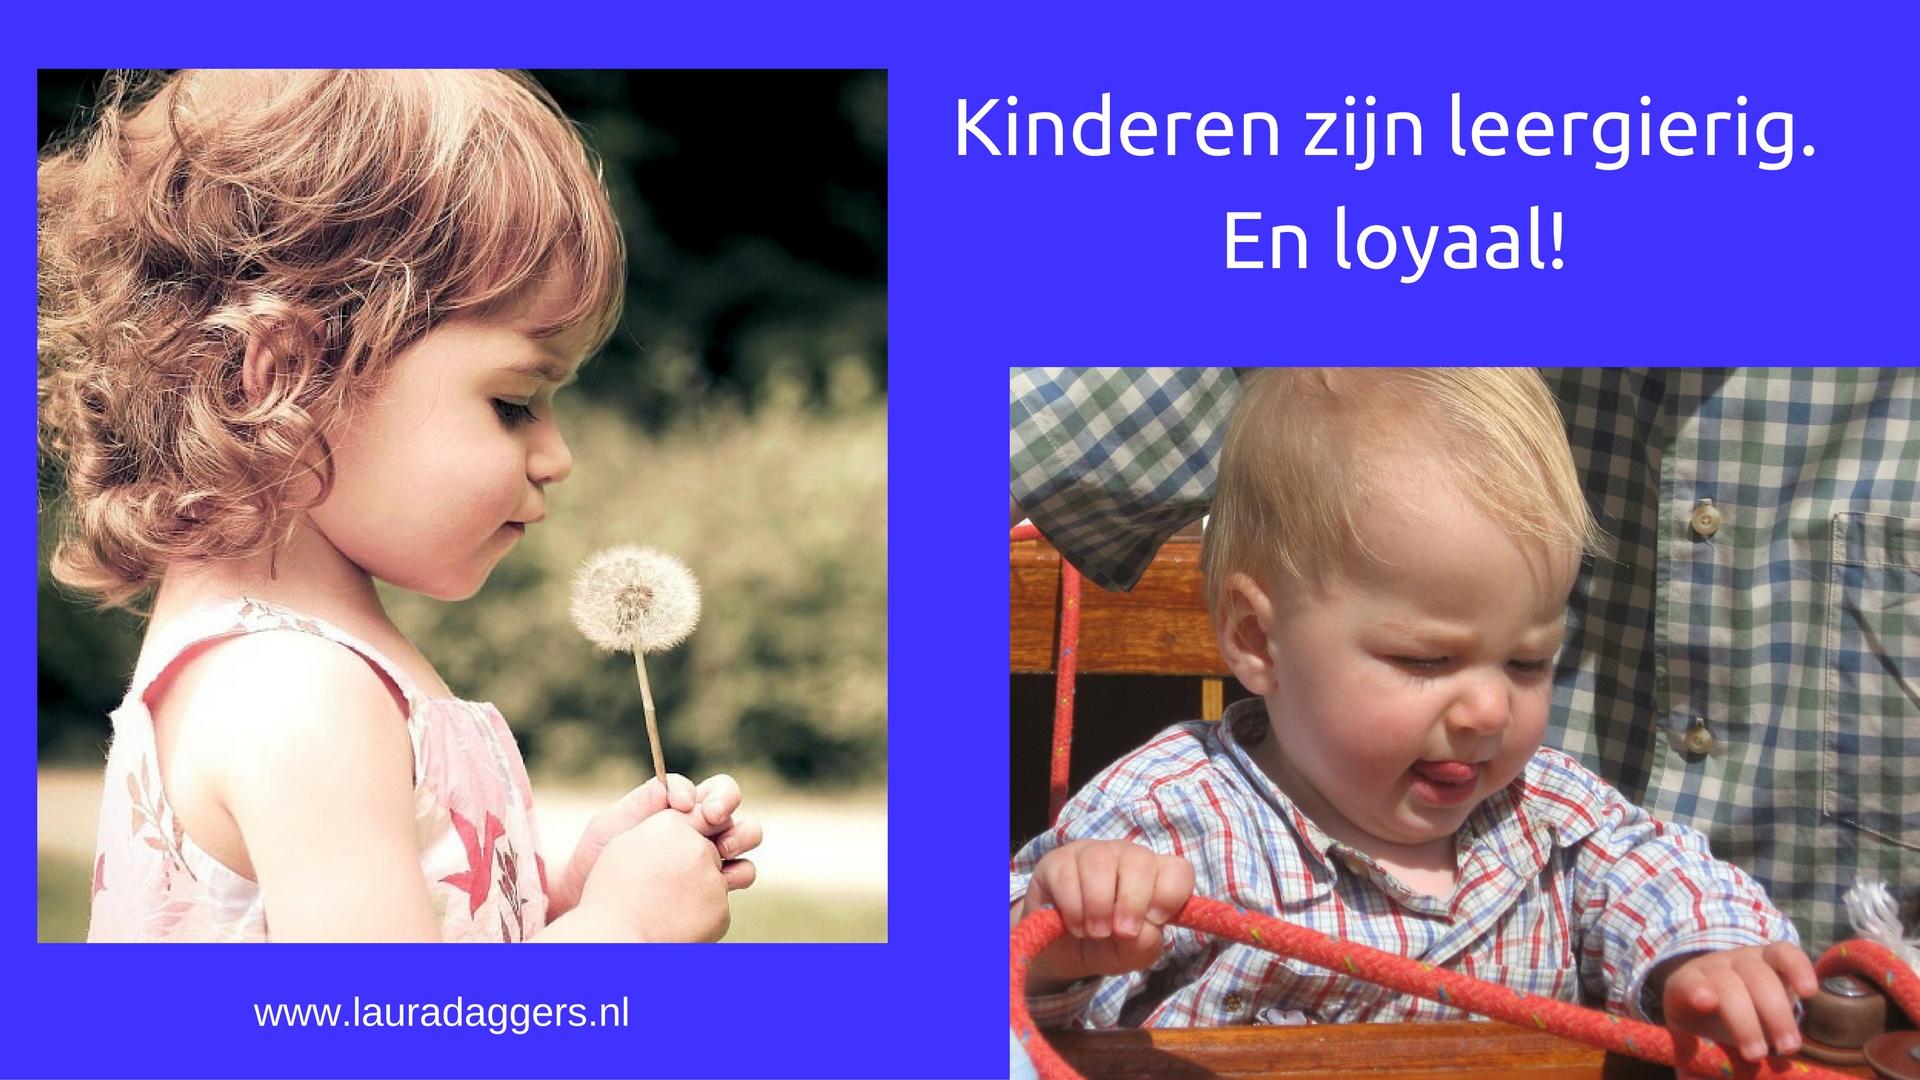 https://www.lauradaggers.nl/2016/01/08/opvallend-dat-de-meeste-kinderuitspraken/